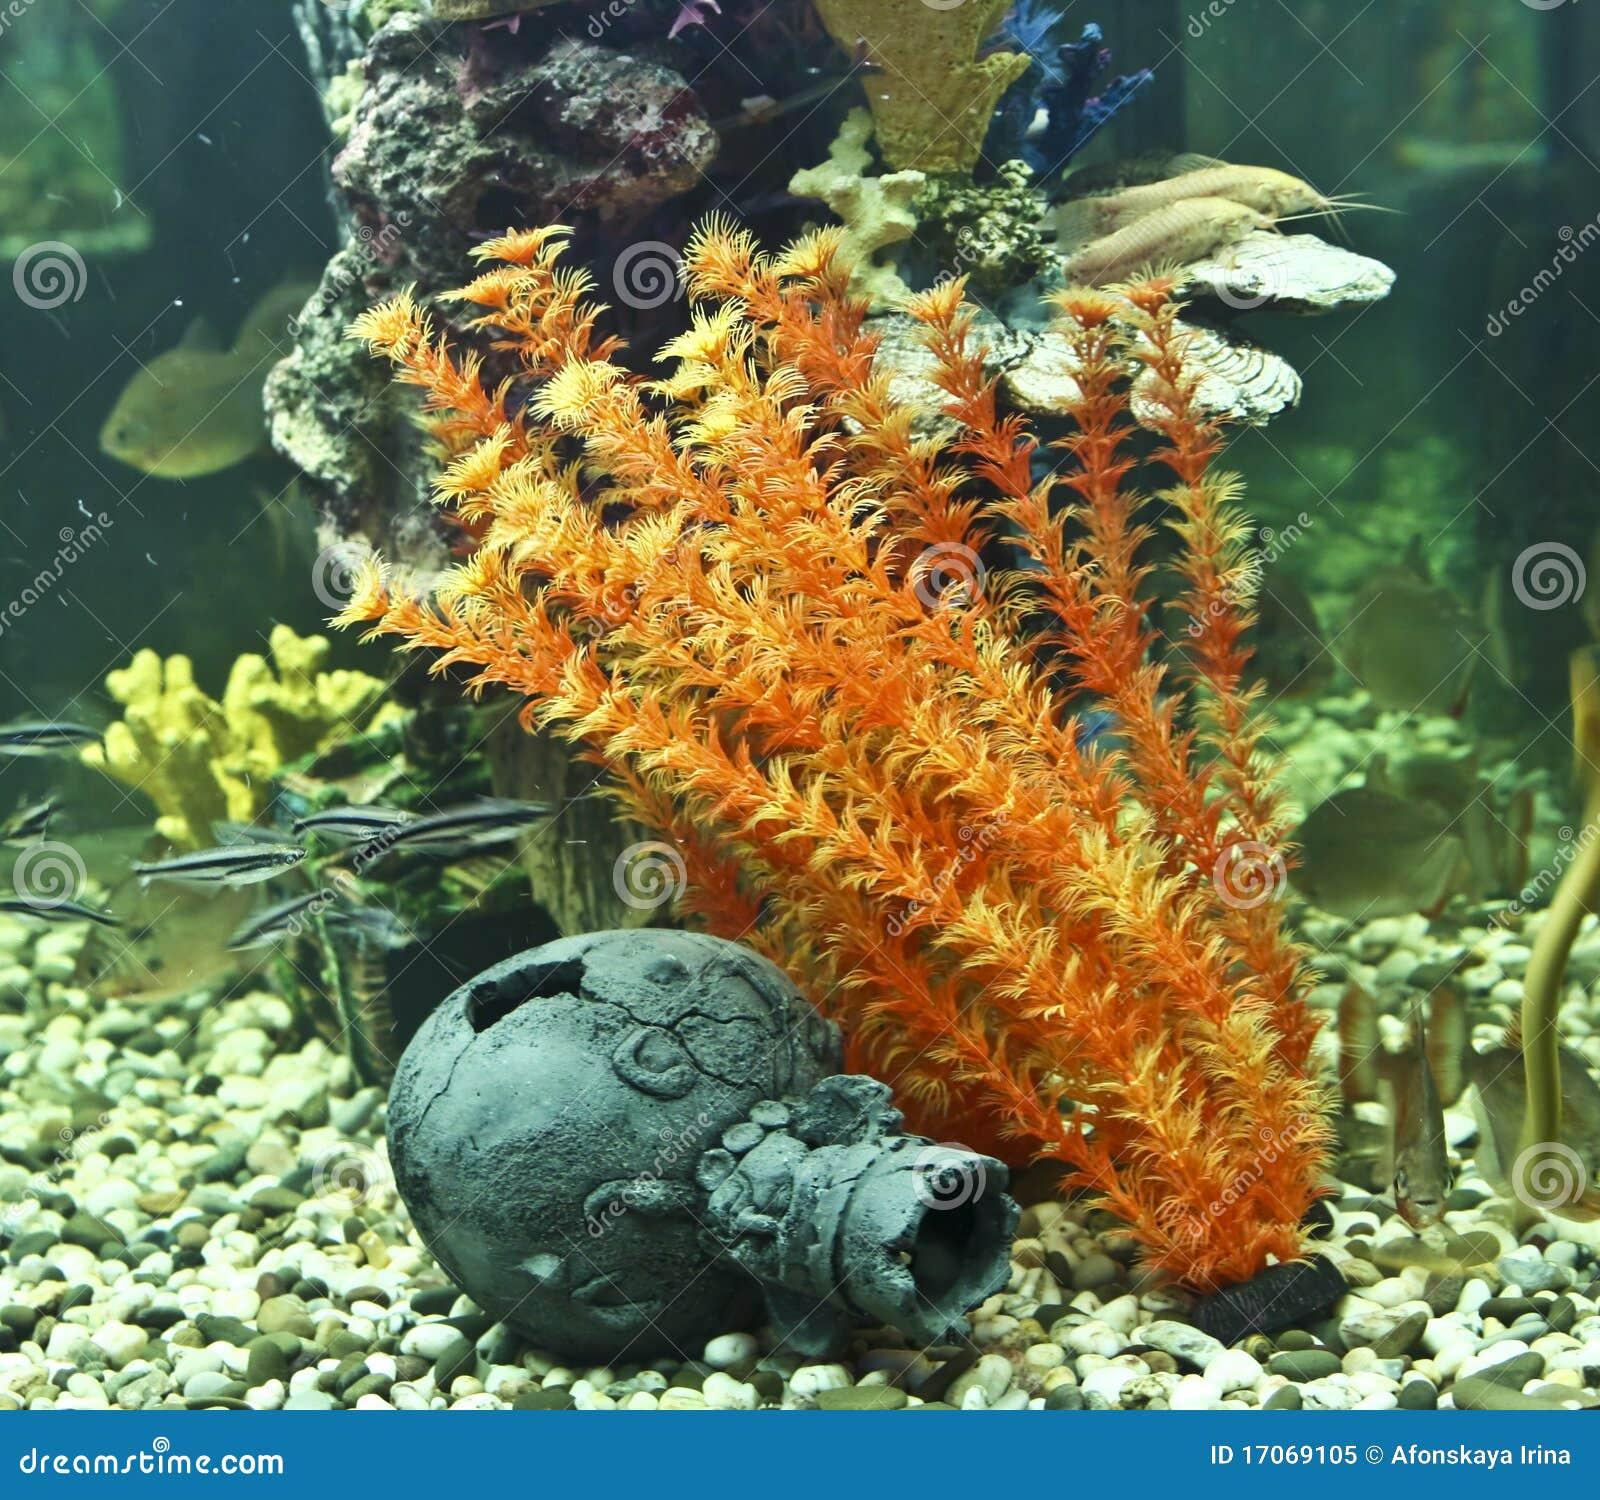 Alg akwarium korali dzbanek